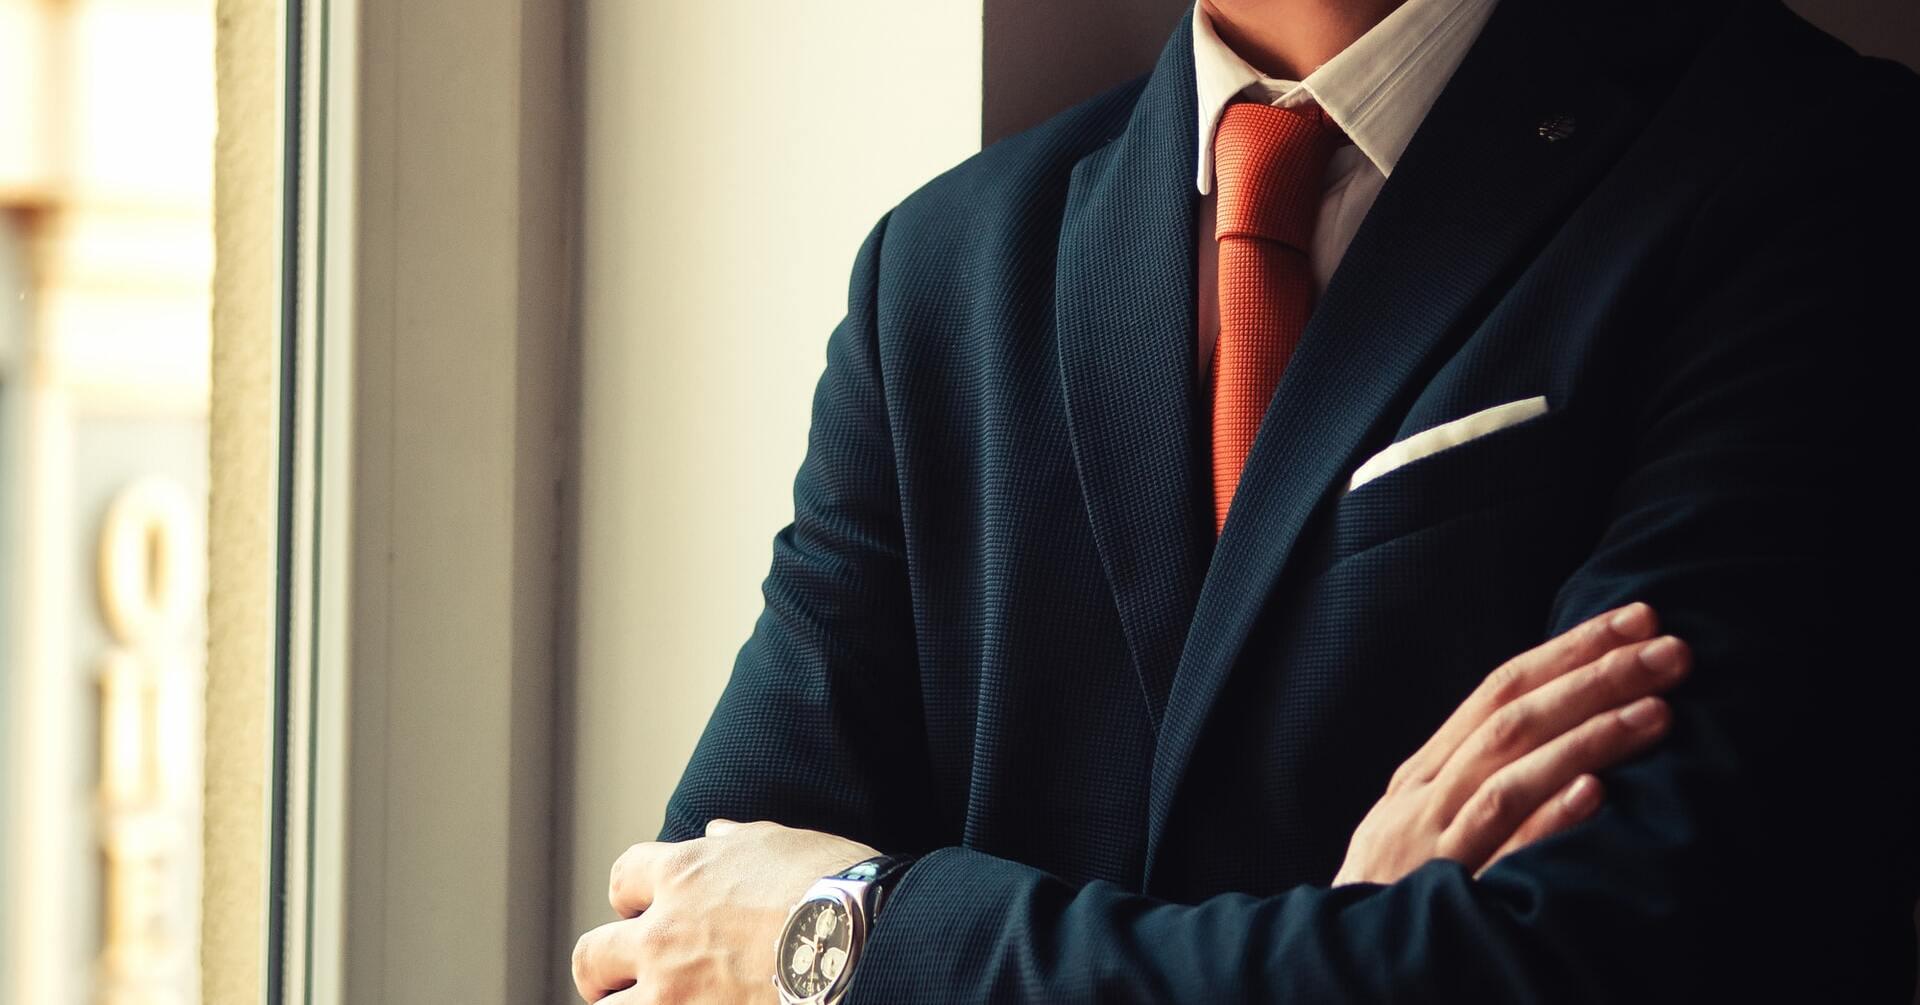 40代サラリーマンの平均年収は?男女別・企業規模別・業界別に解説